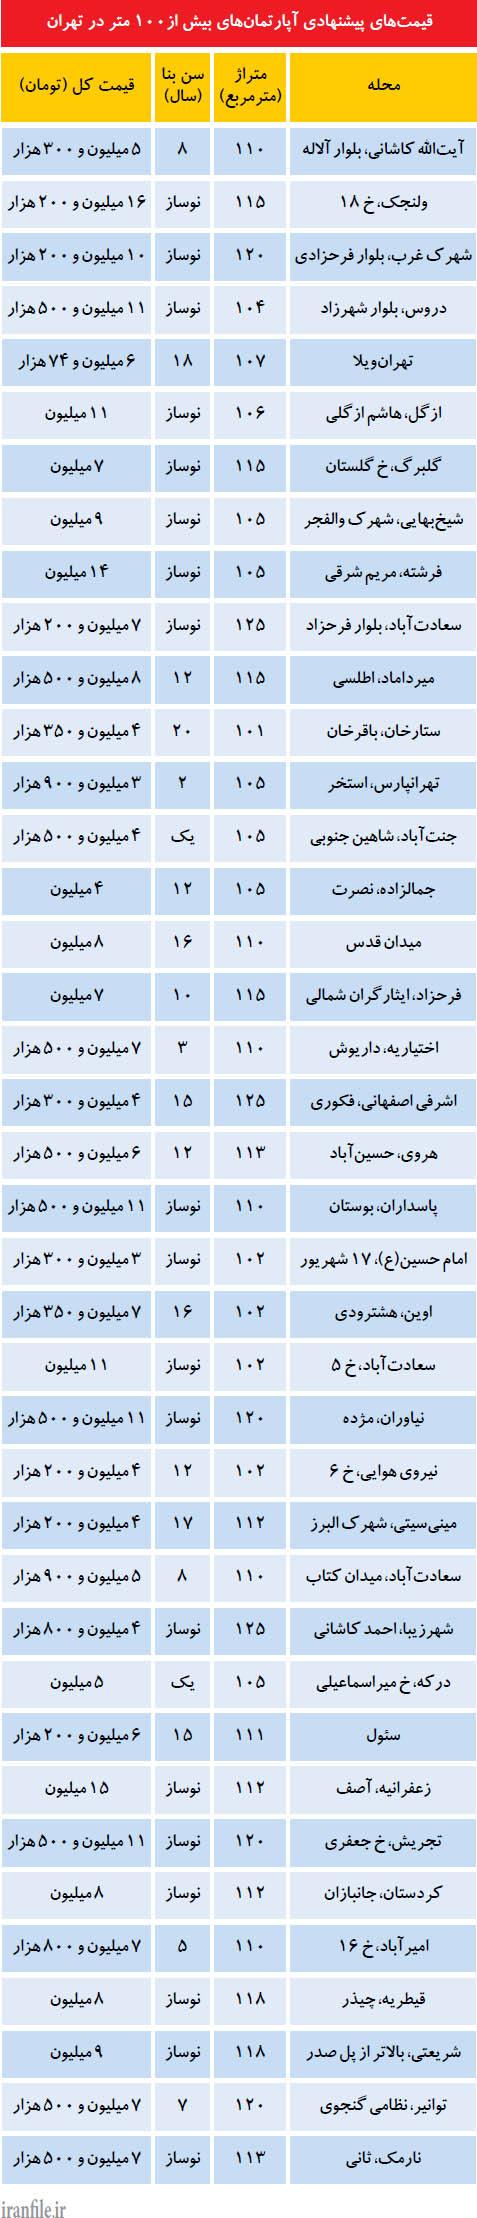 قیمت آپارتمانهای بیش از 100 متر در تهران